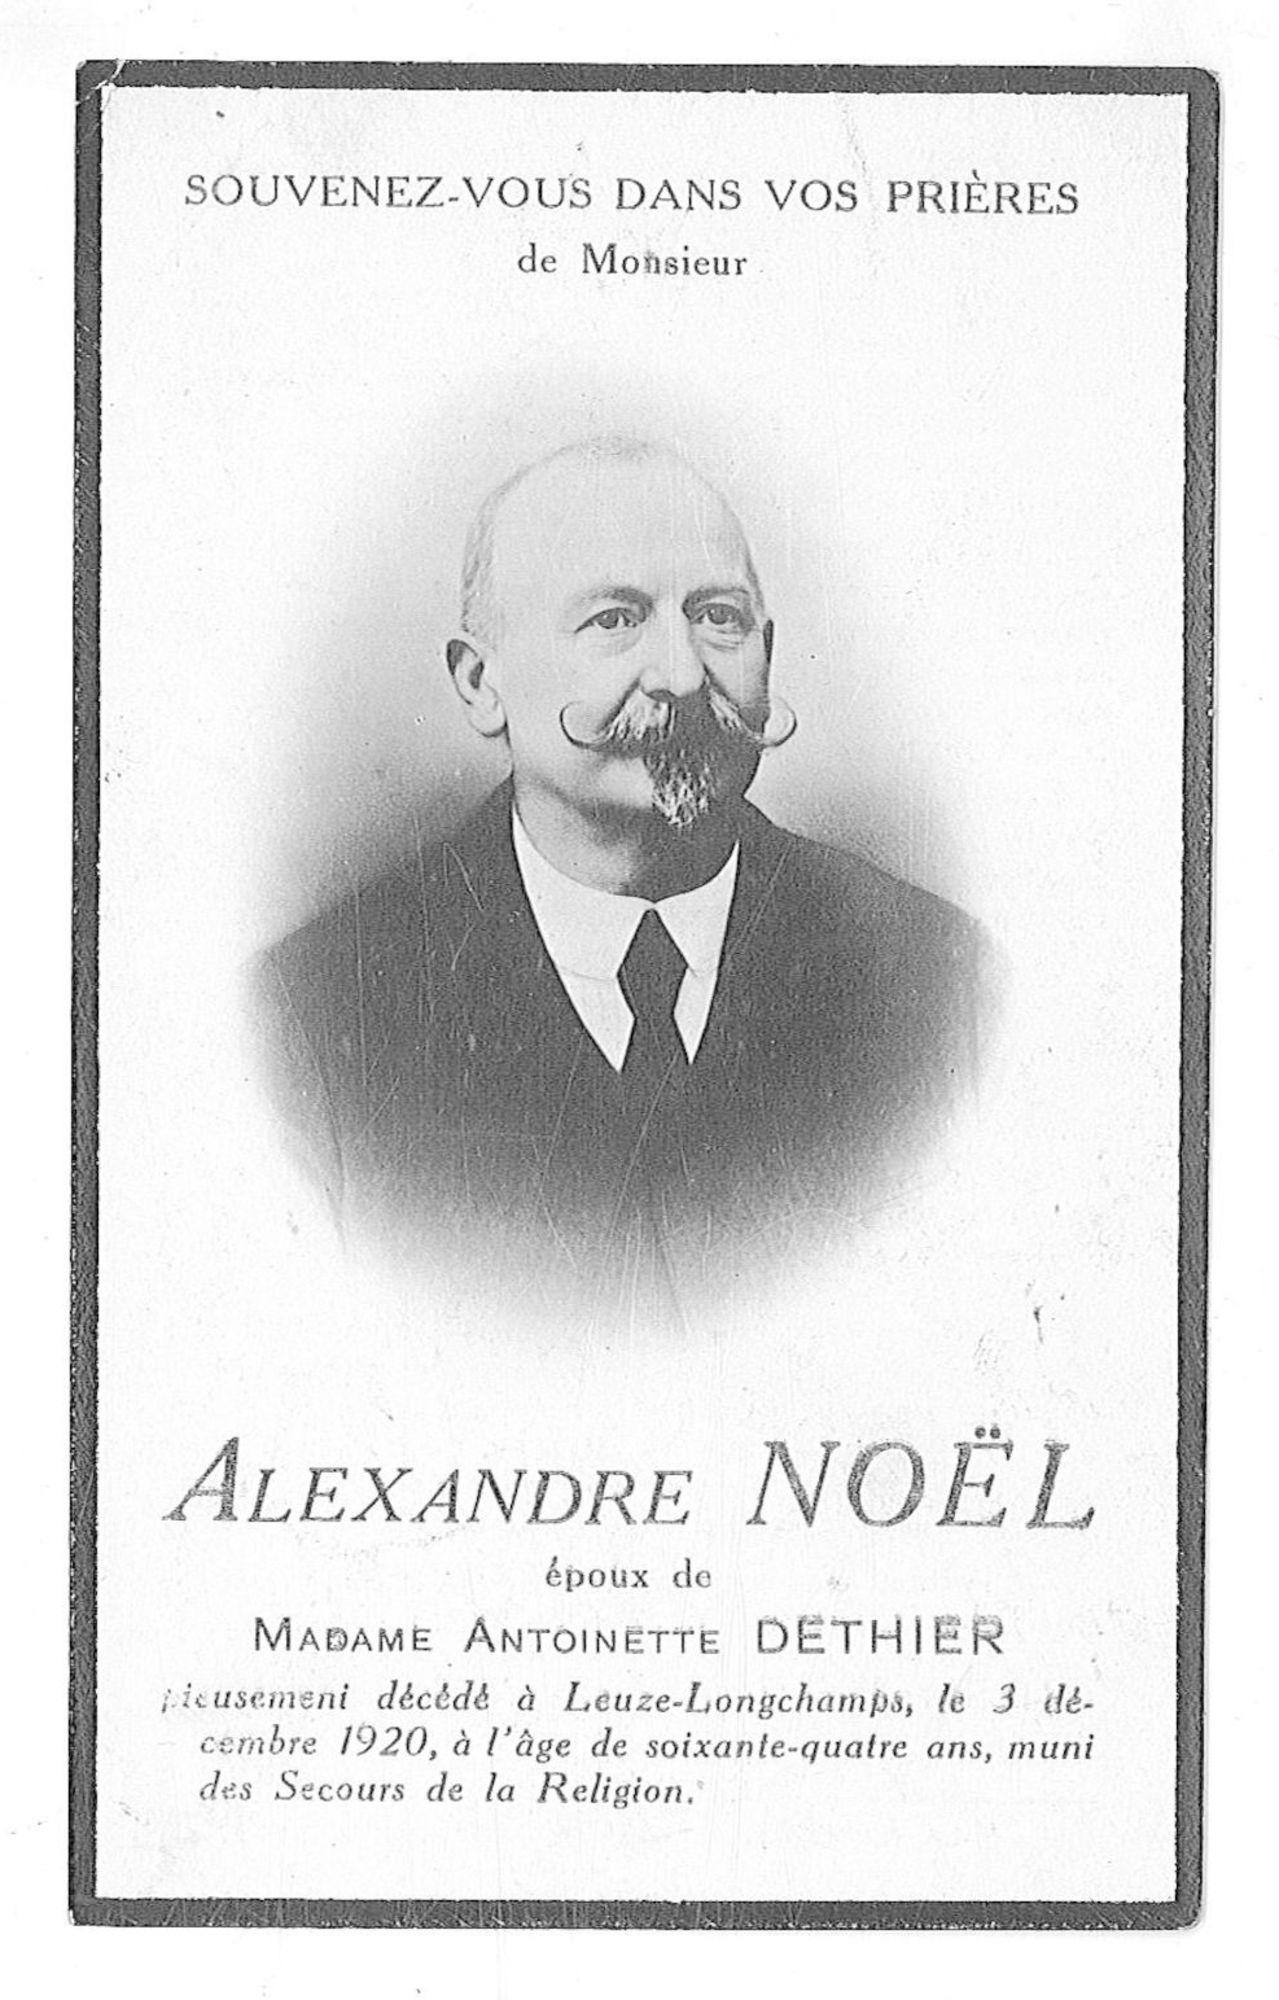 Alexandre Noël